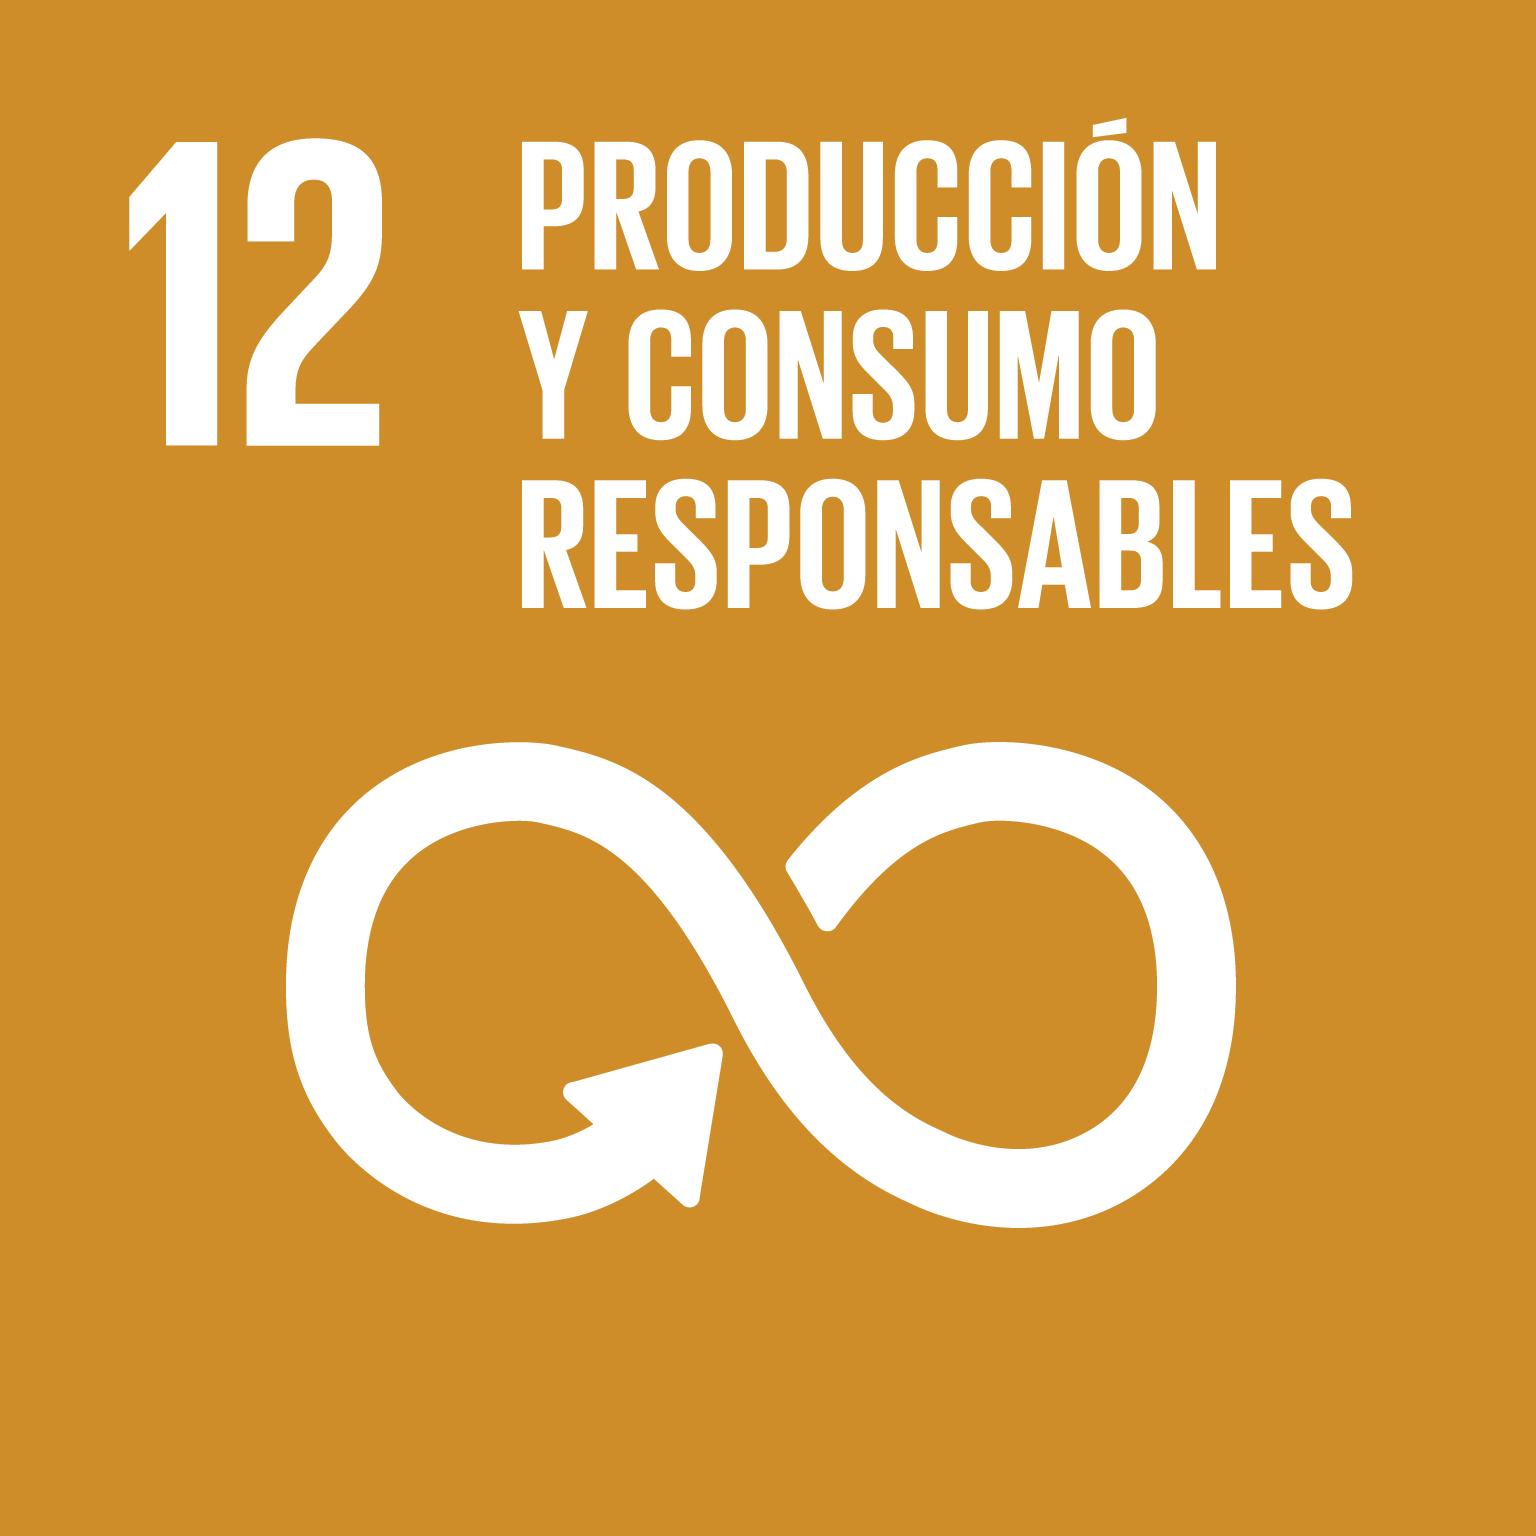 ODS 12. Producción y consumo responsables. UMU. Campus Sostenible.